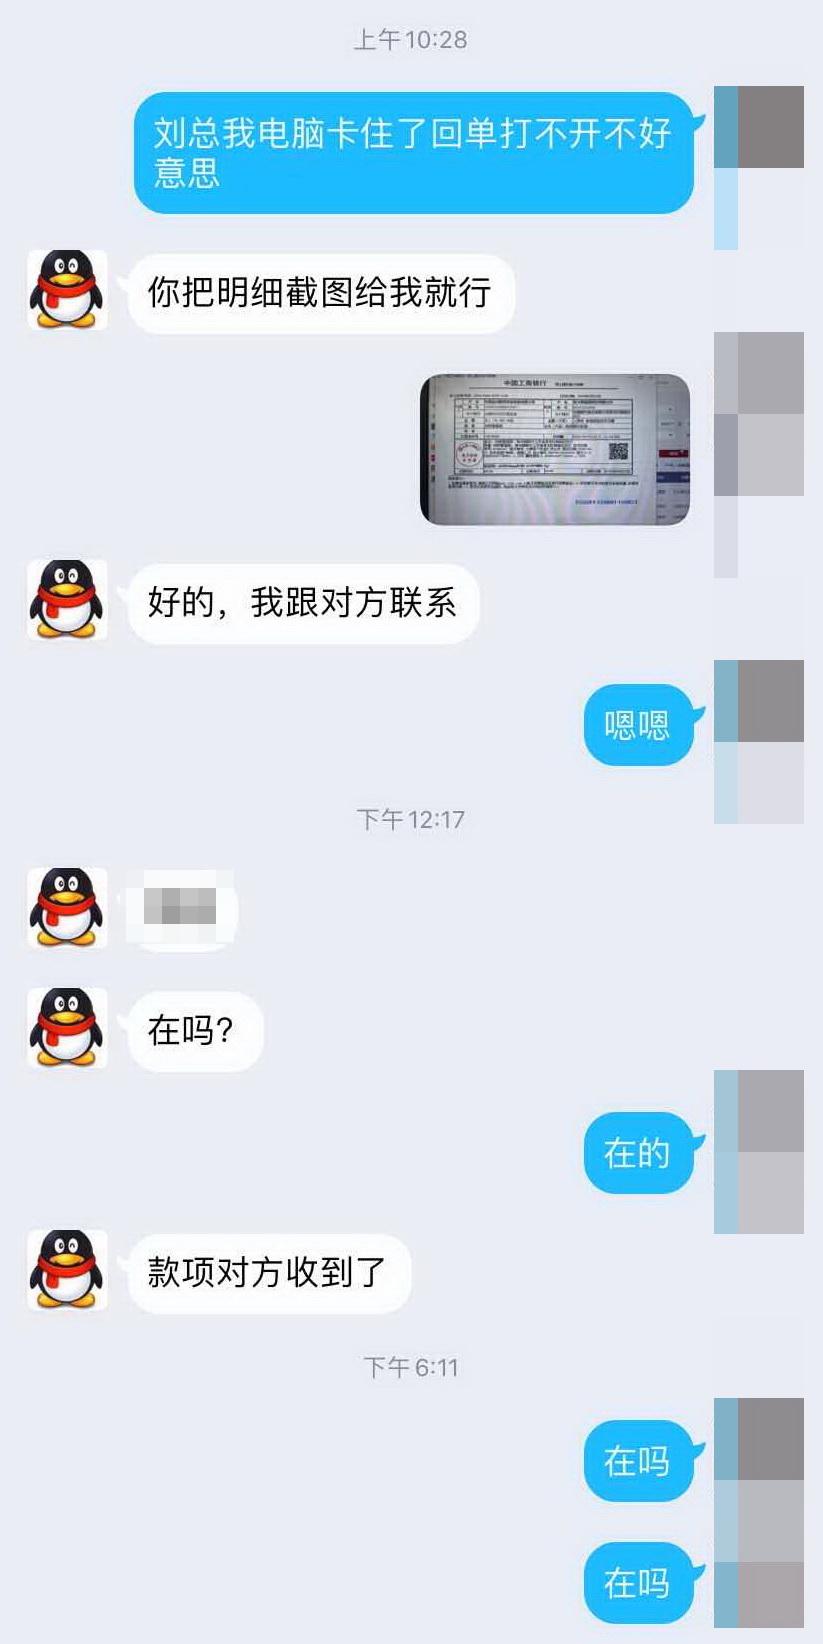 370余万元!合肥警方、四川警方联动阻击巨额诈骗案